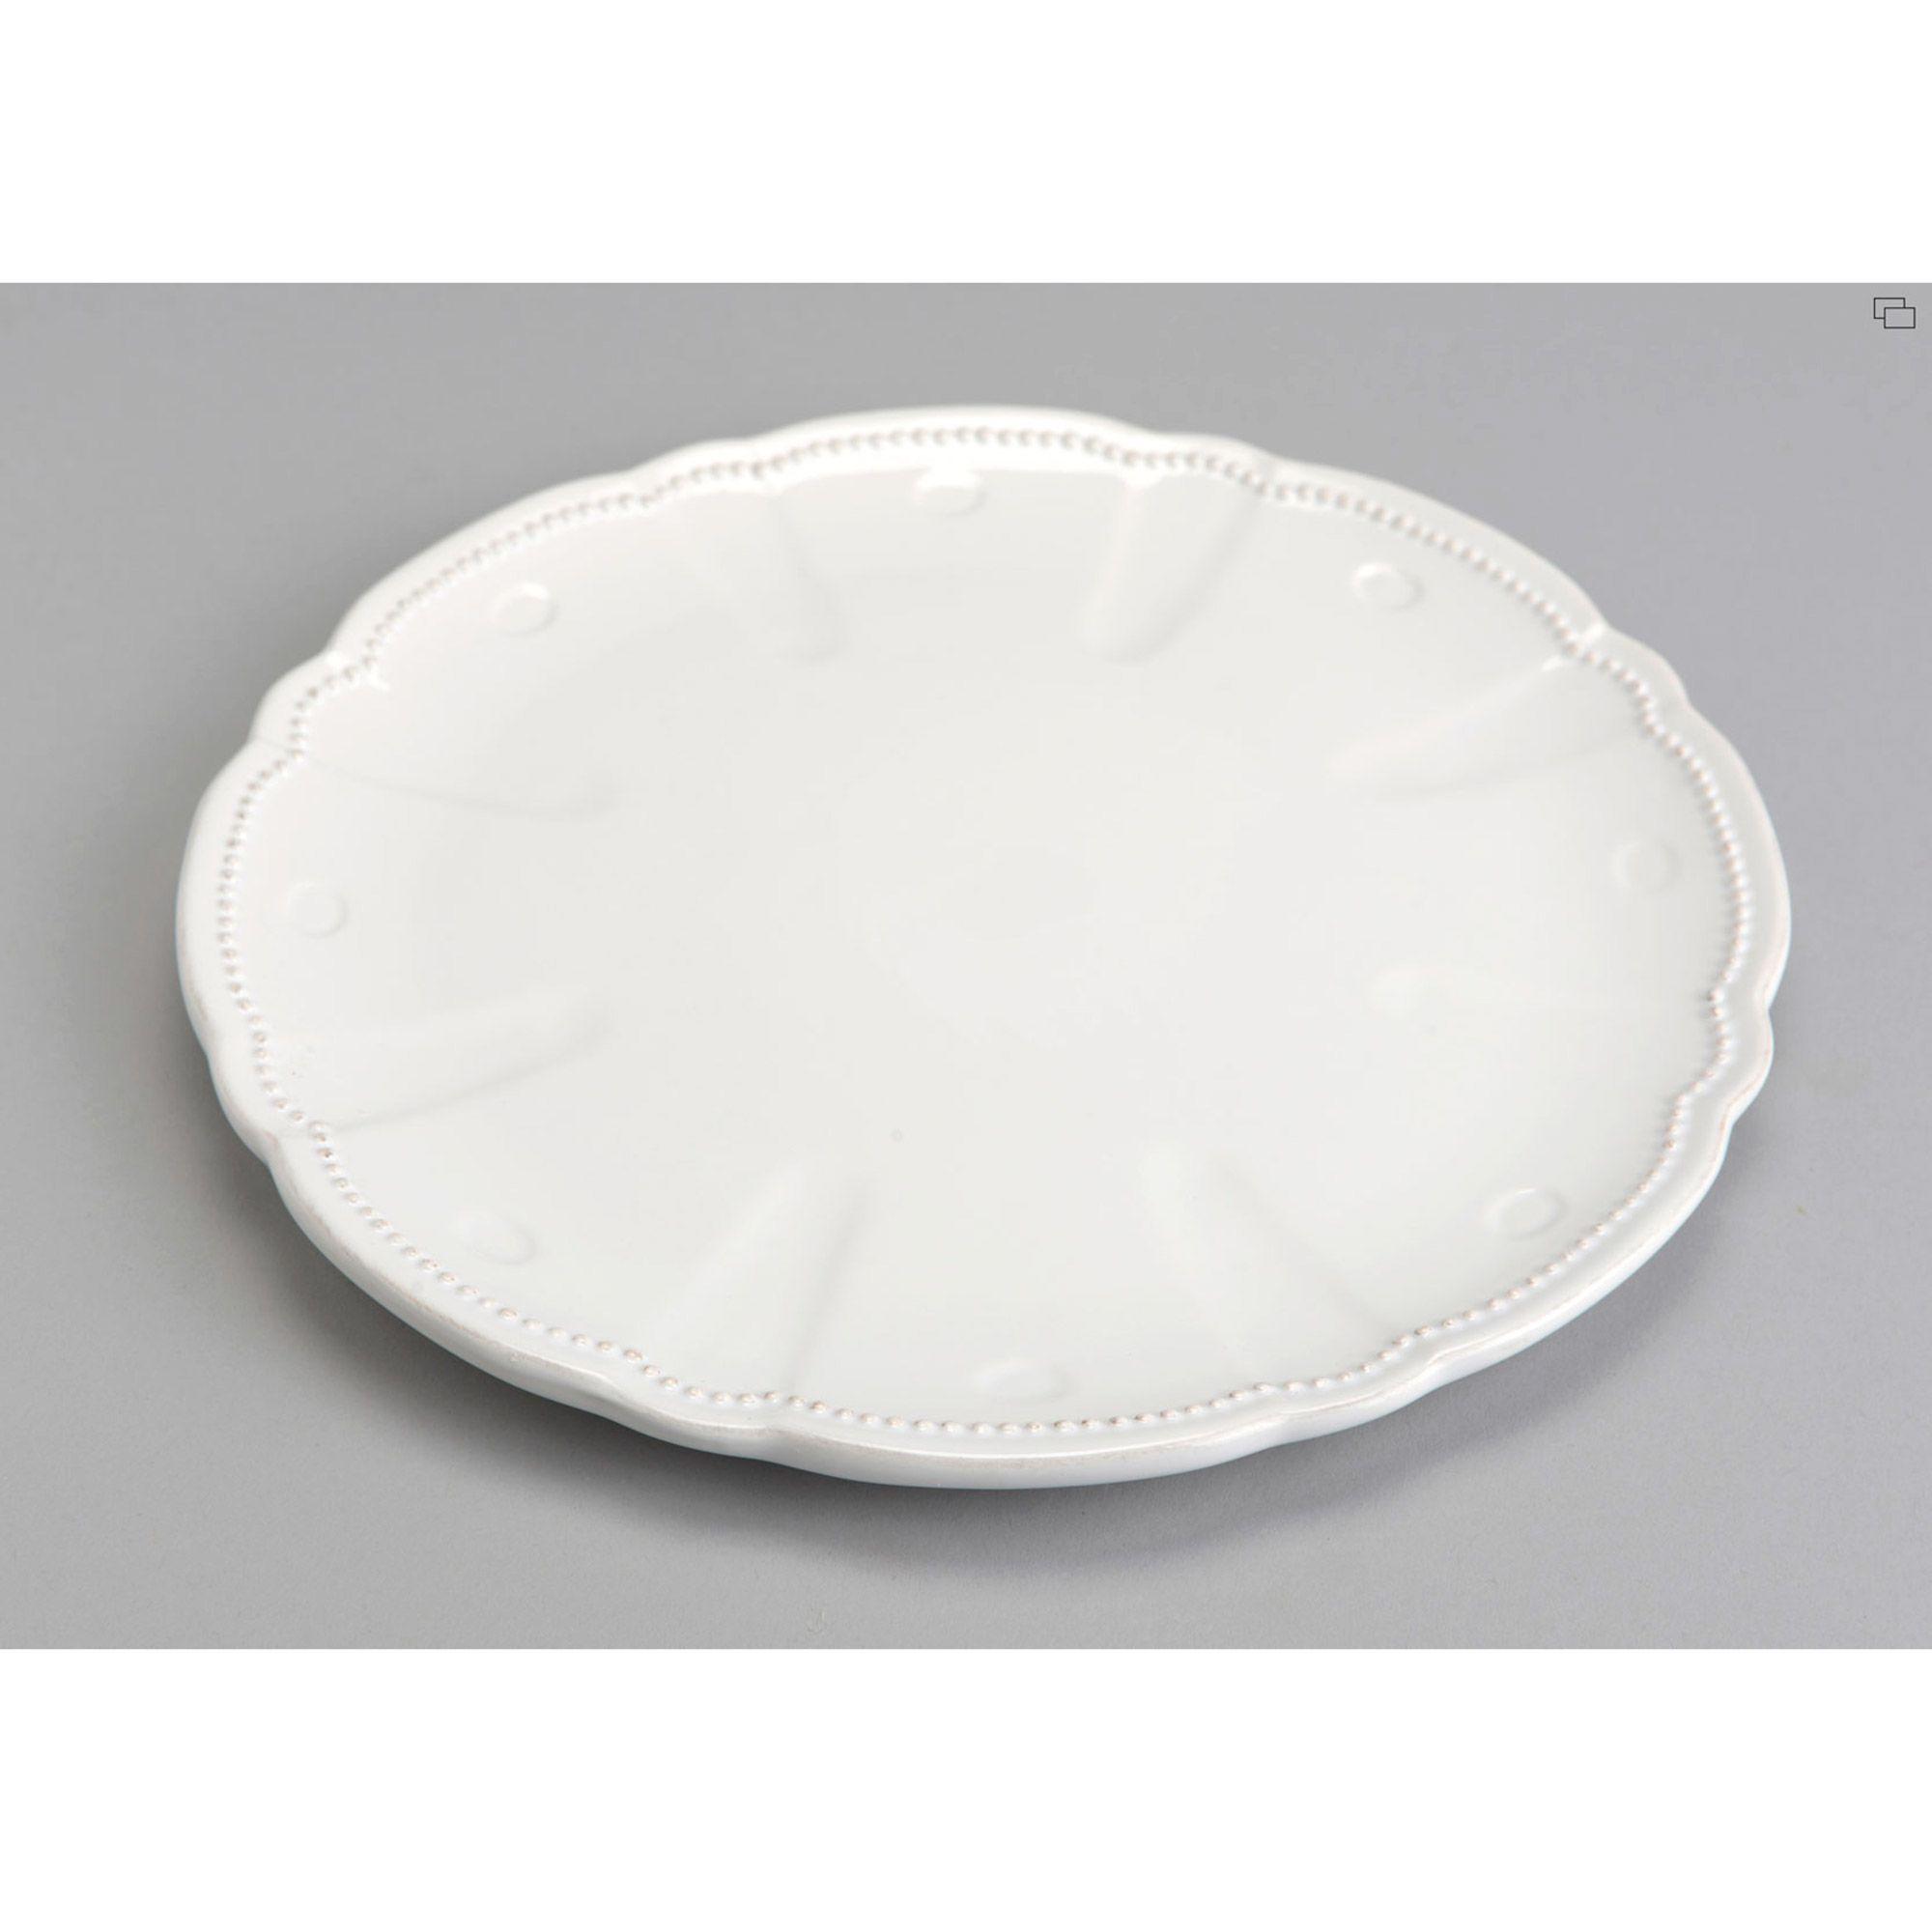 Assiette Plate En Dolomie Bordure Relief D 26cm Lot De 6 Perle